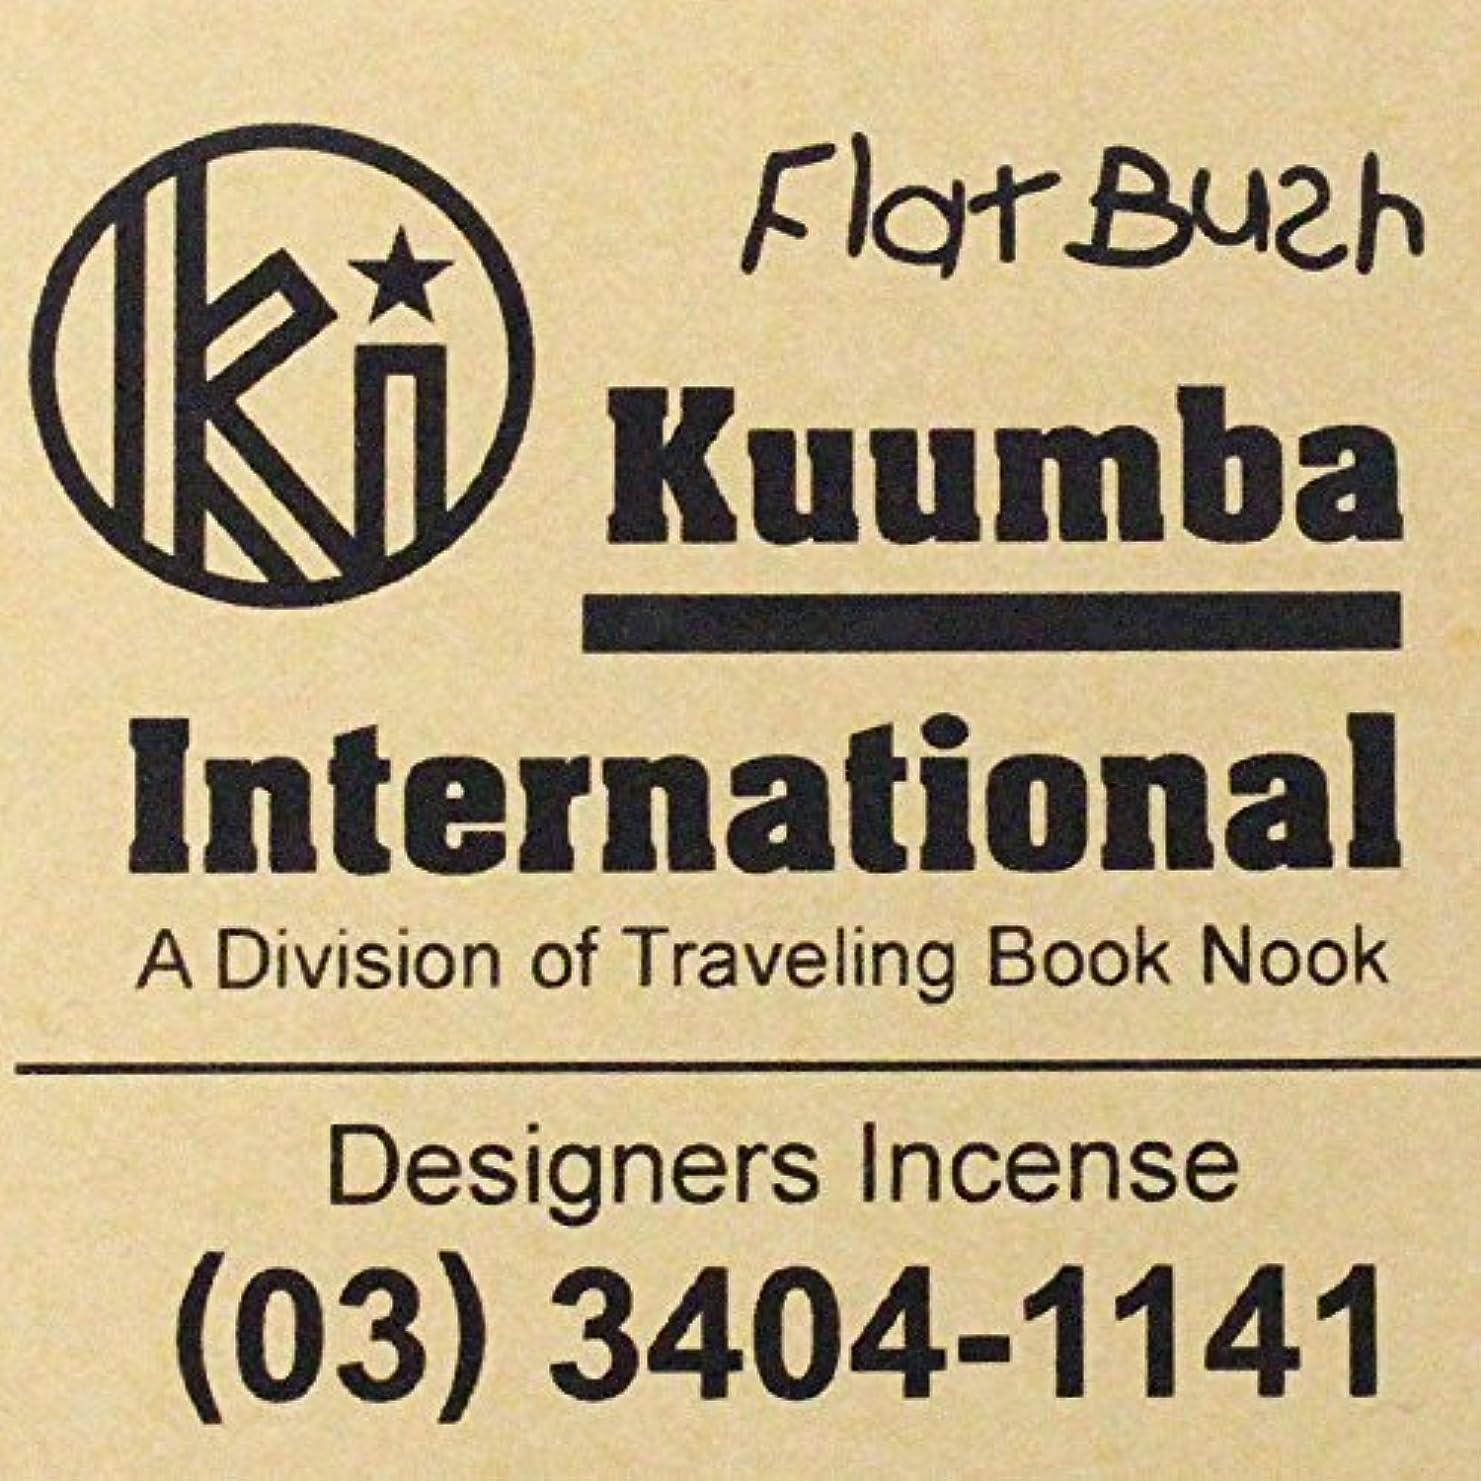 ぬれたダムビルマ(クンバ) KUUMBA『incense』(Flat Bush) (Regular size)